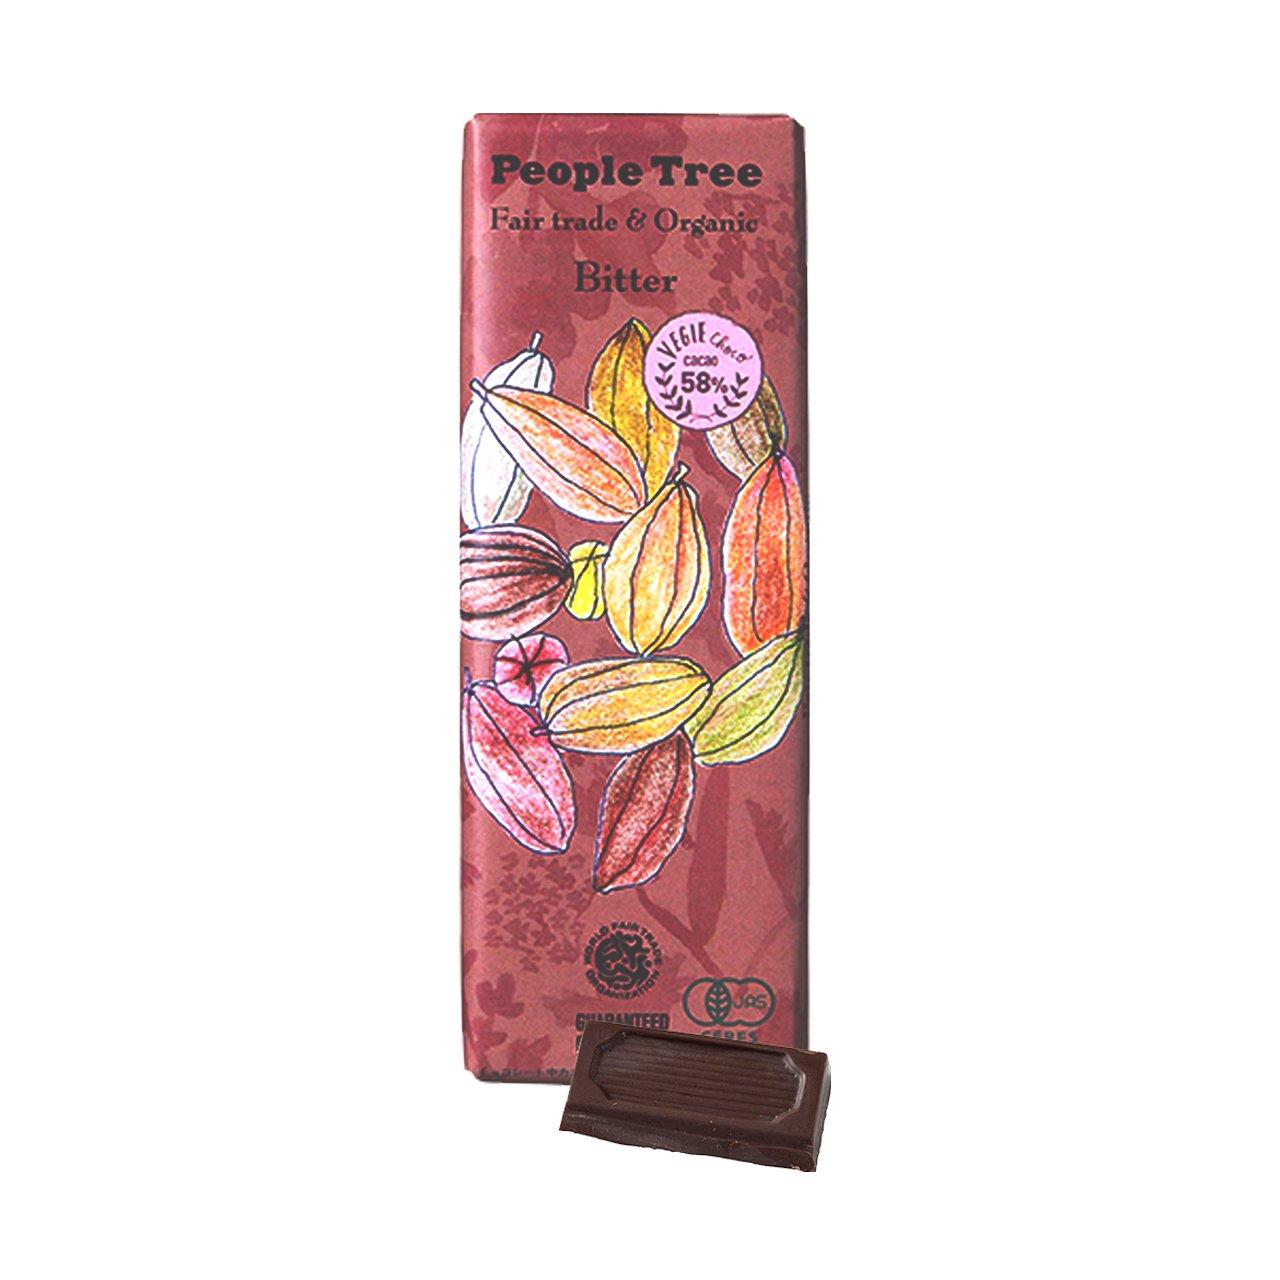 【People Tree】フェアトレード・板チョコレート オーガニック・ビター